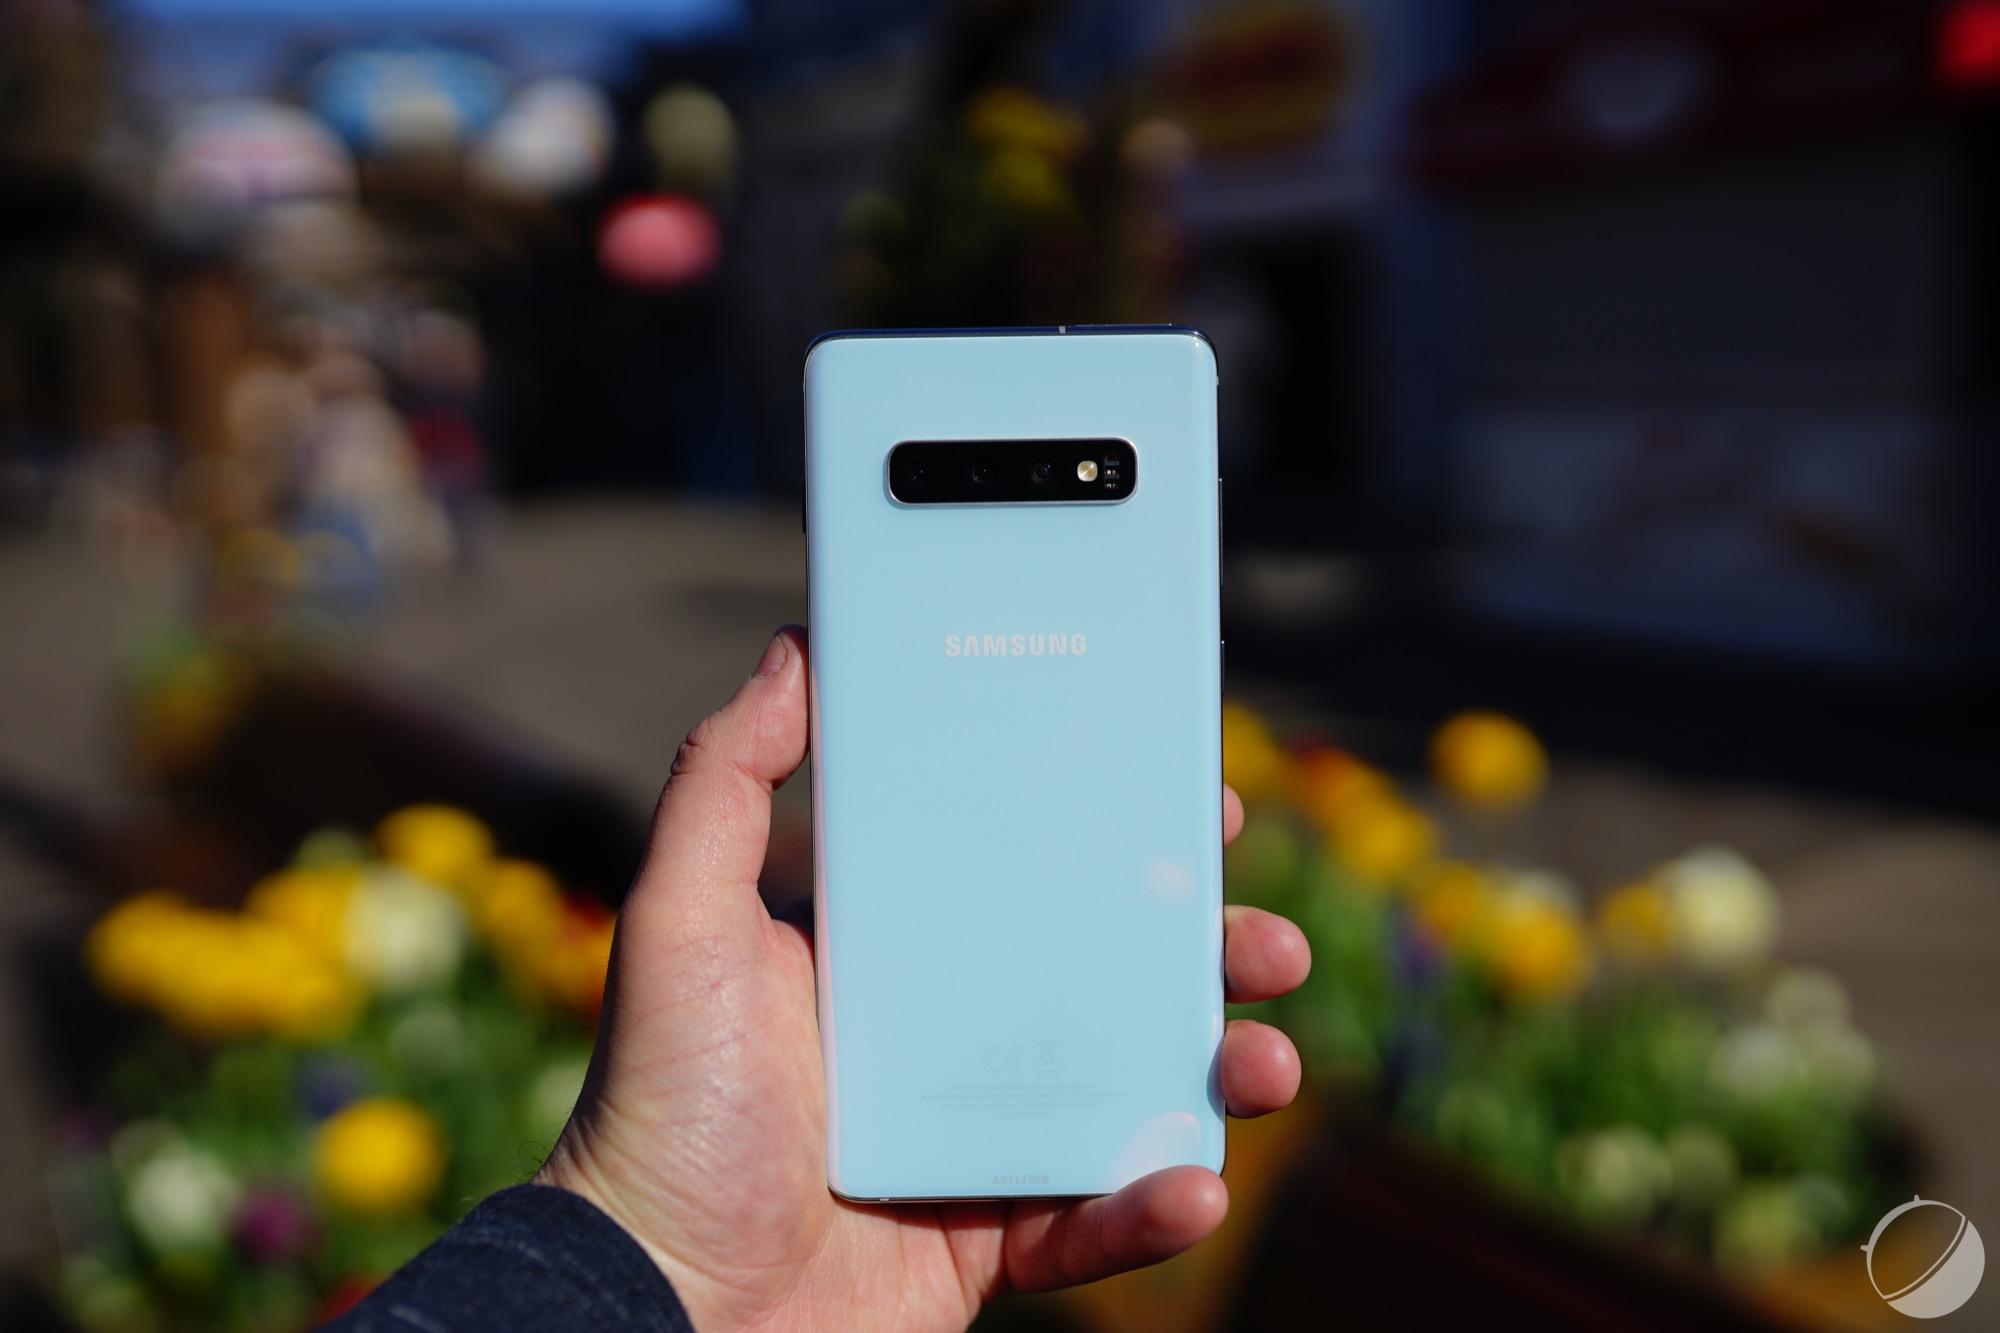 Le Samsung Galaxy S10+ coûte 10% de plus à produire, la faute à l'écran et l'appareil photo